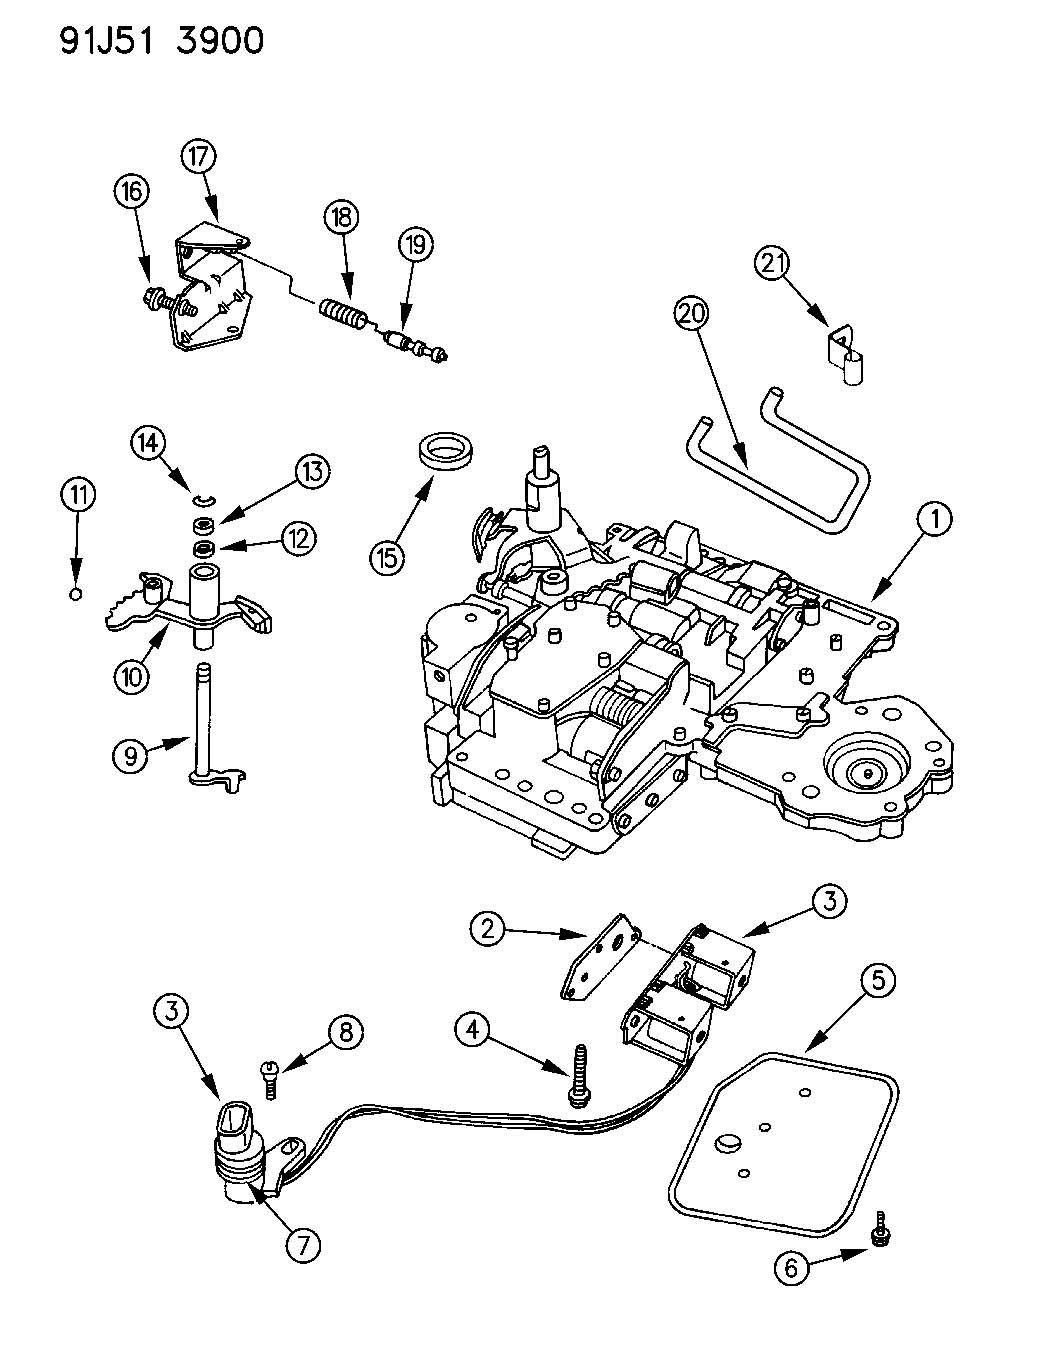 2010 scion xd Diagrama del motor